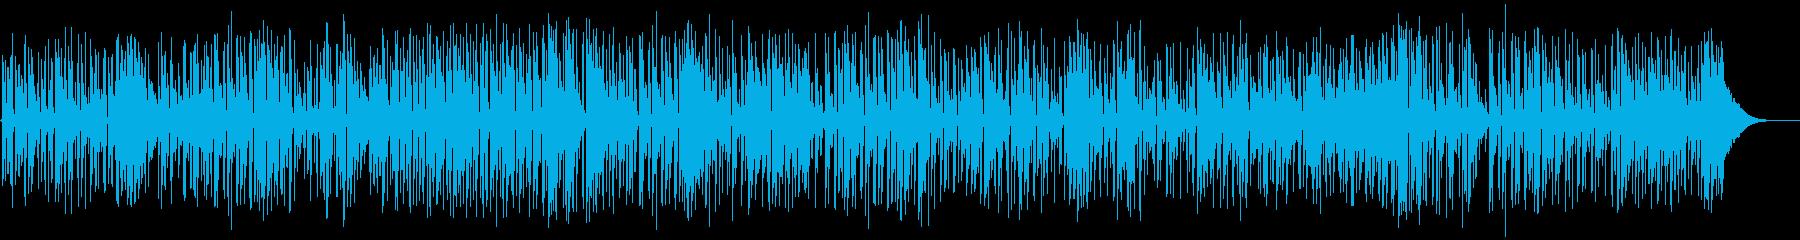 フォークアコースティックギターデュオの再生済みの波形